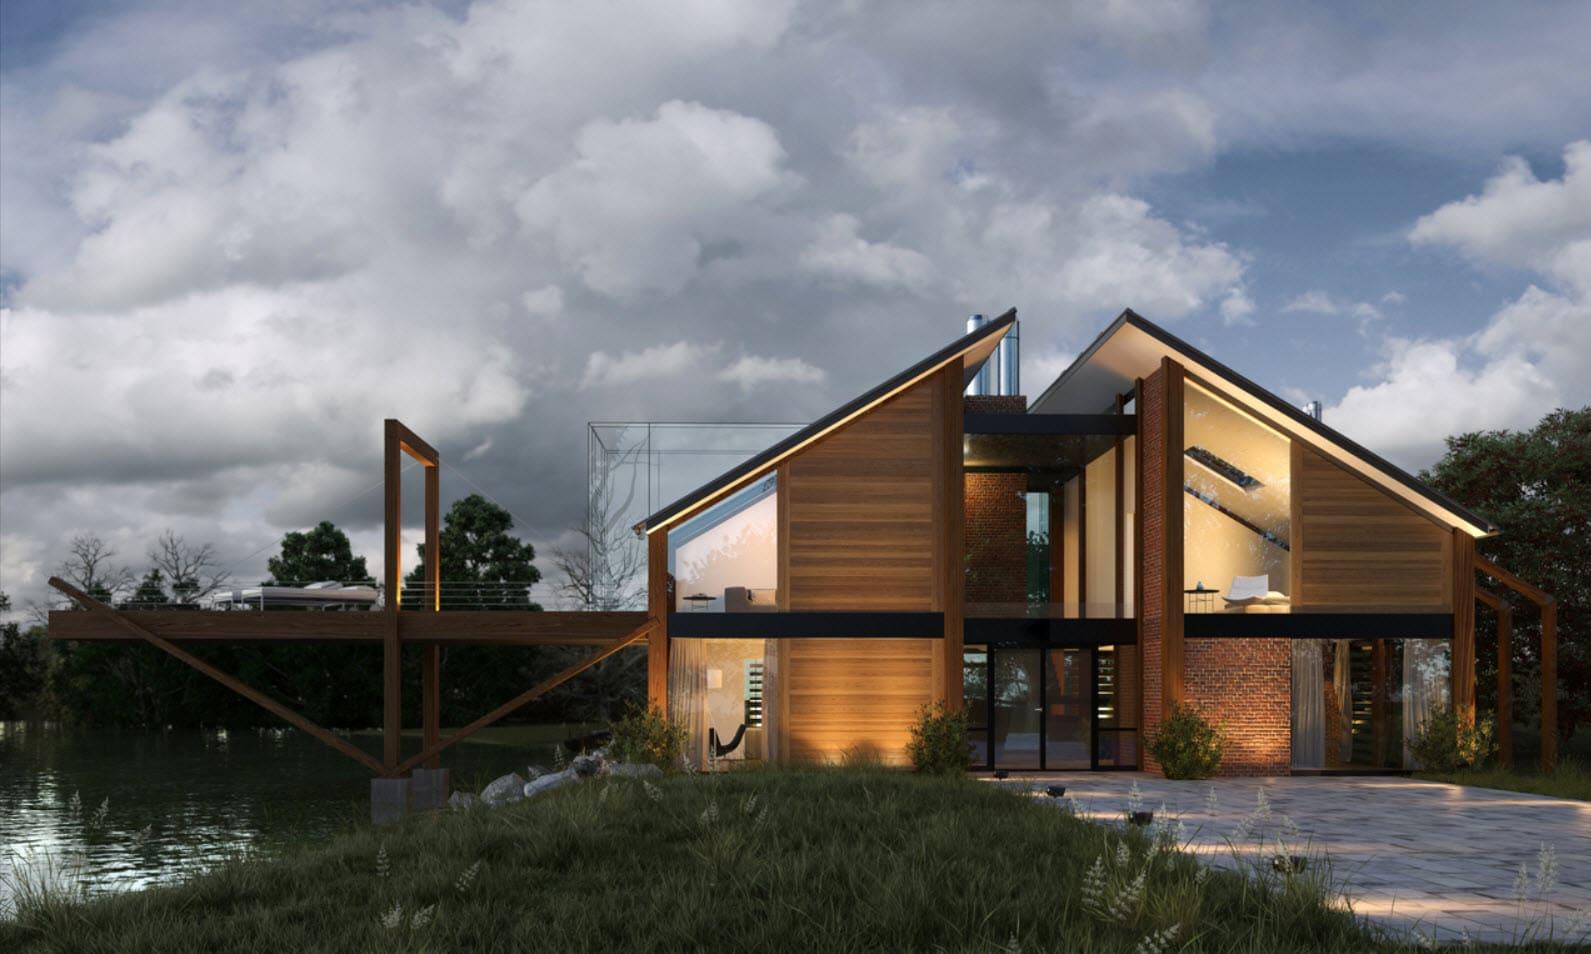 Dise o de casa de madera moderna hermosa fachada - Diseno casa de madera ...